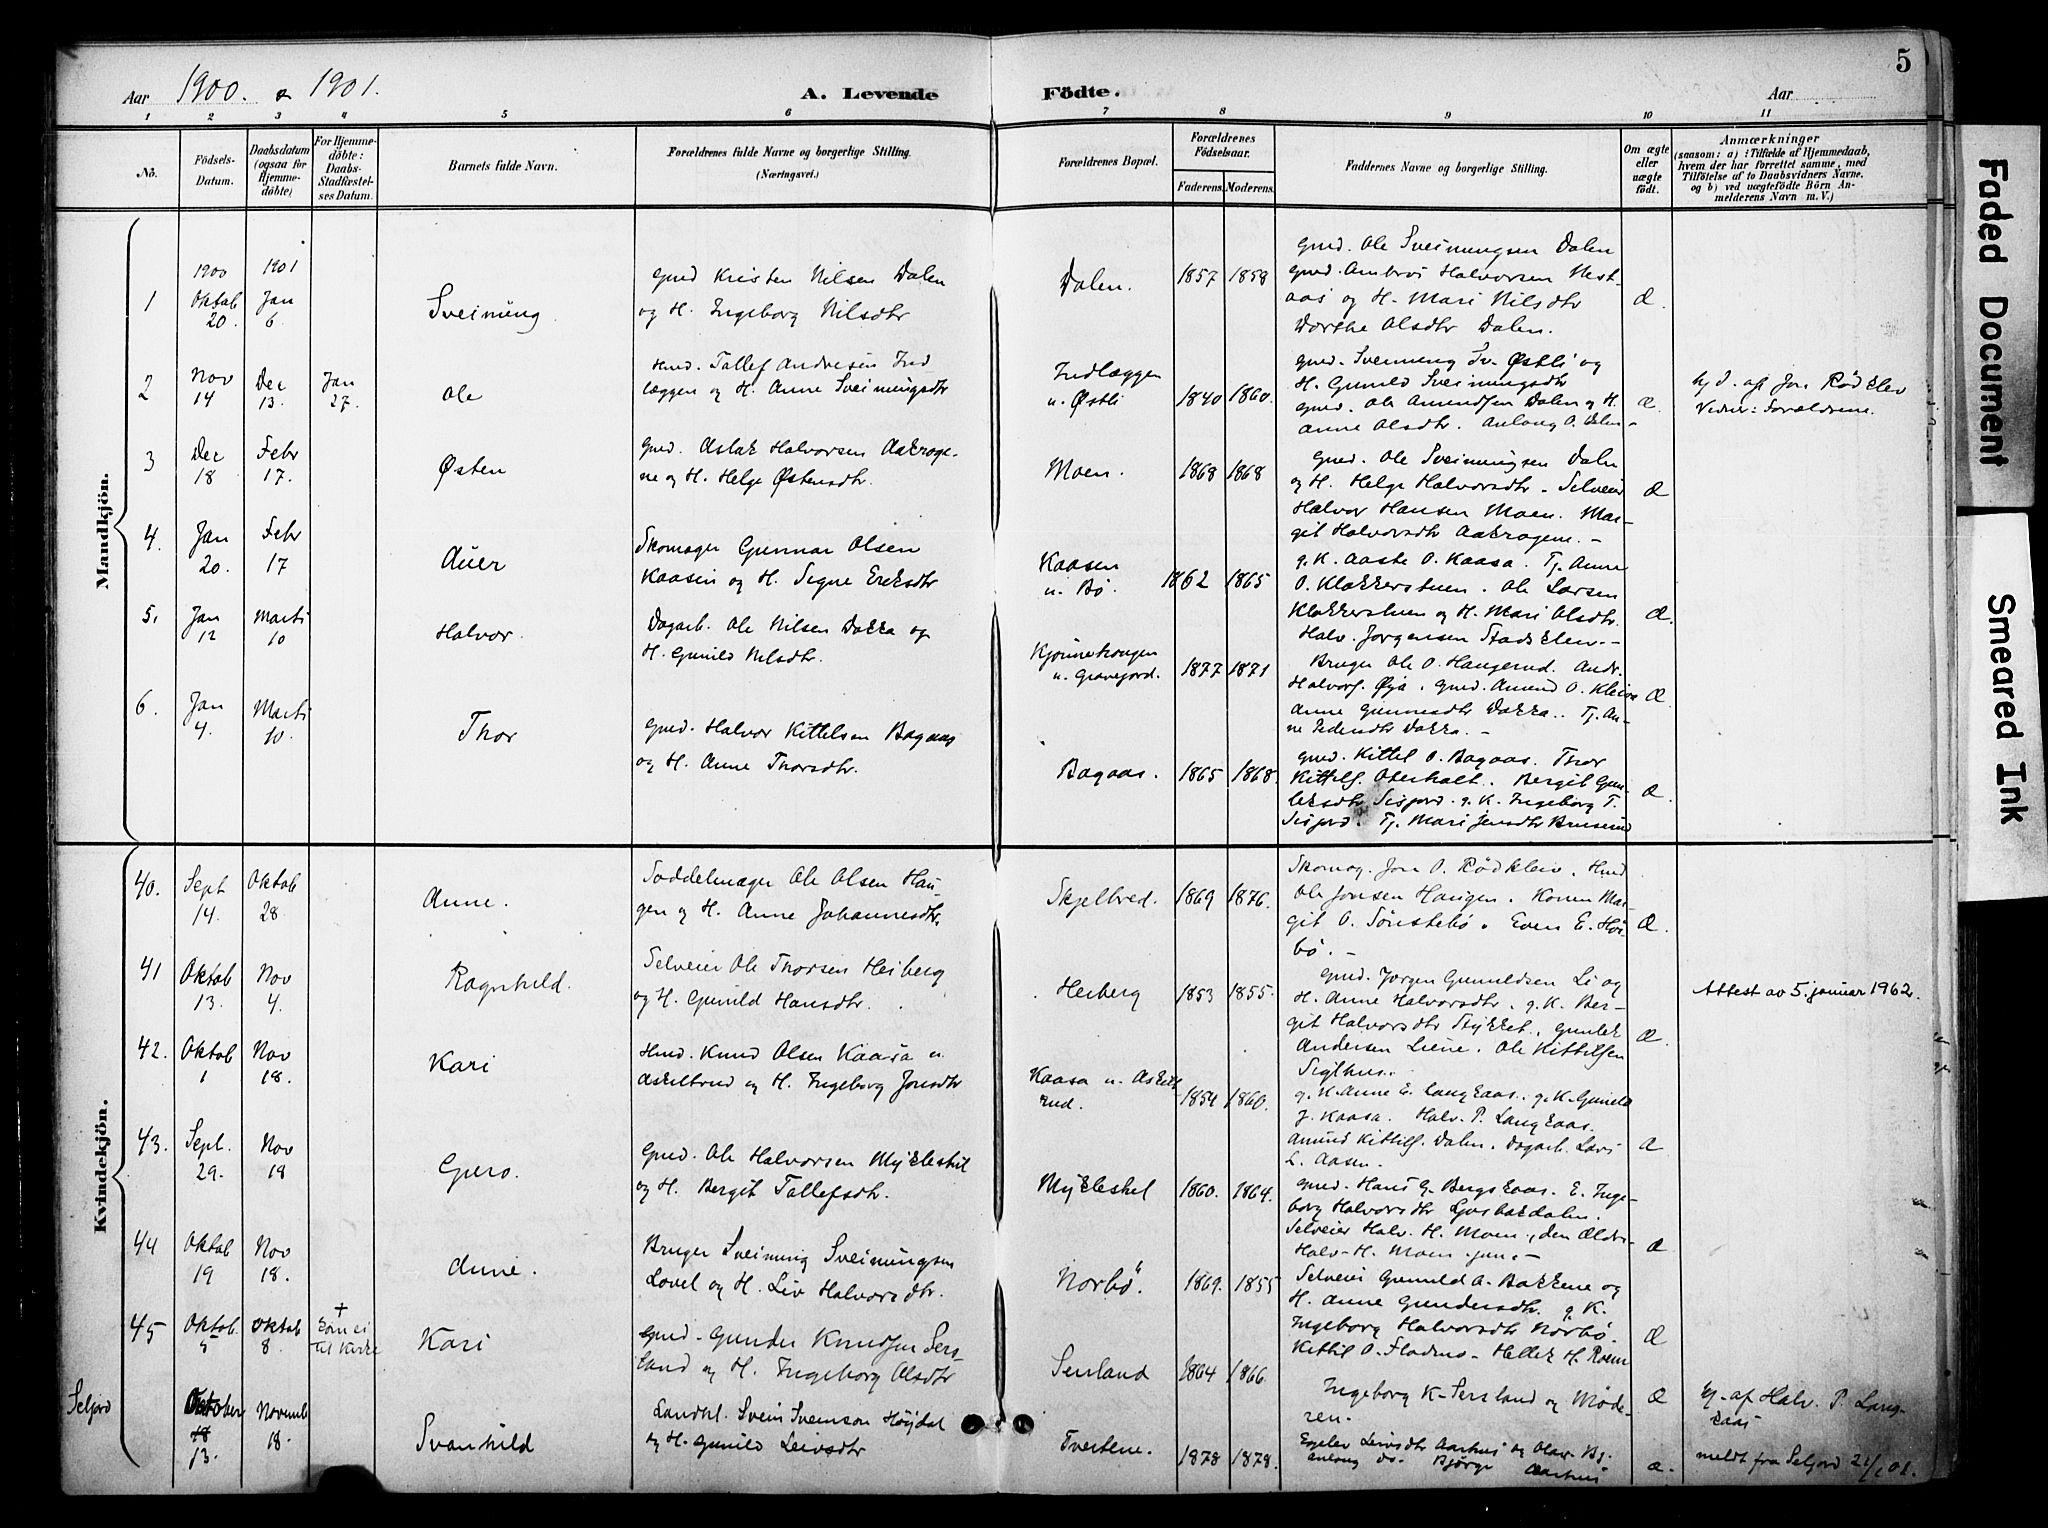 SAKO, Bø kirkebøker, F/Fa/L0012: Ministerialbok nr. 12, 1900-1908, s. 5